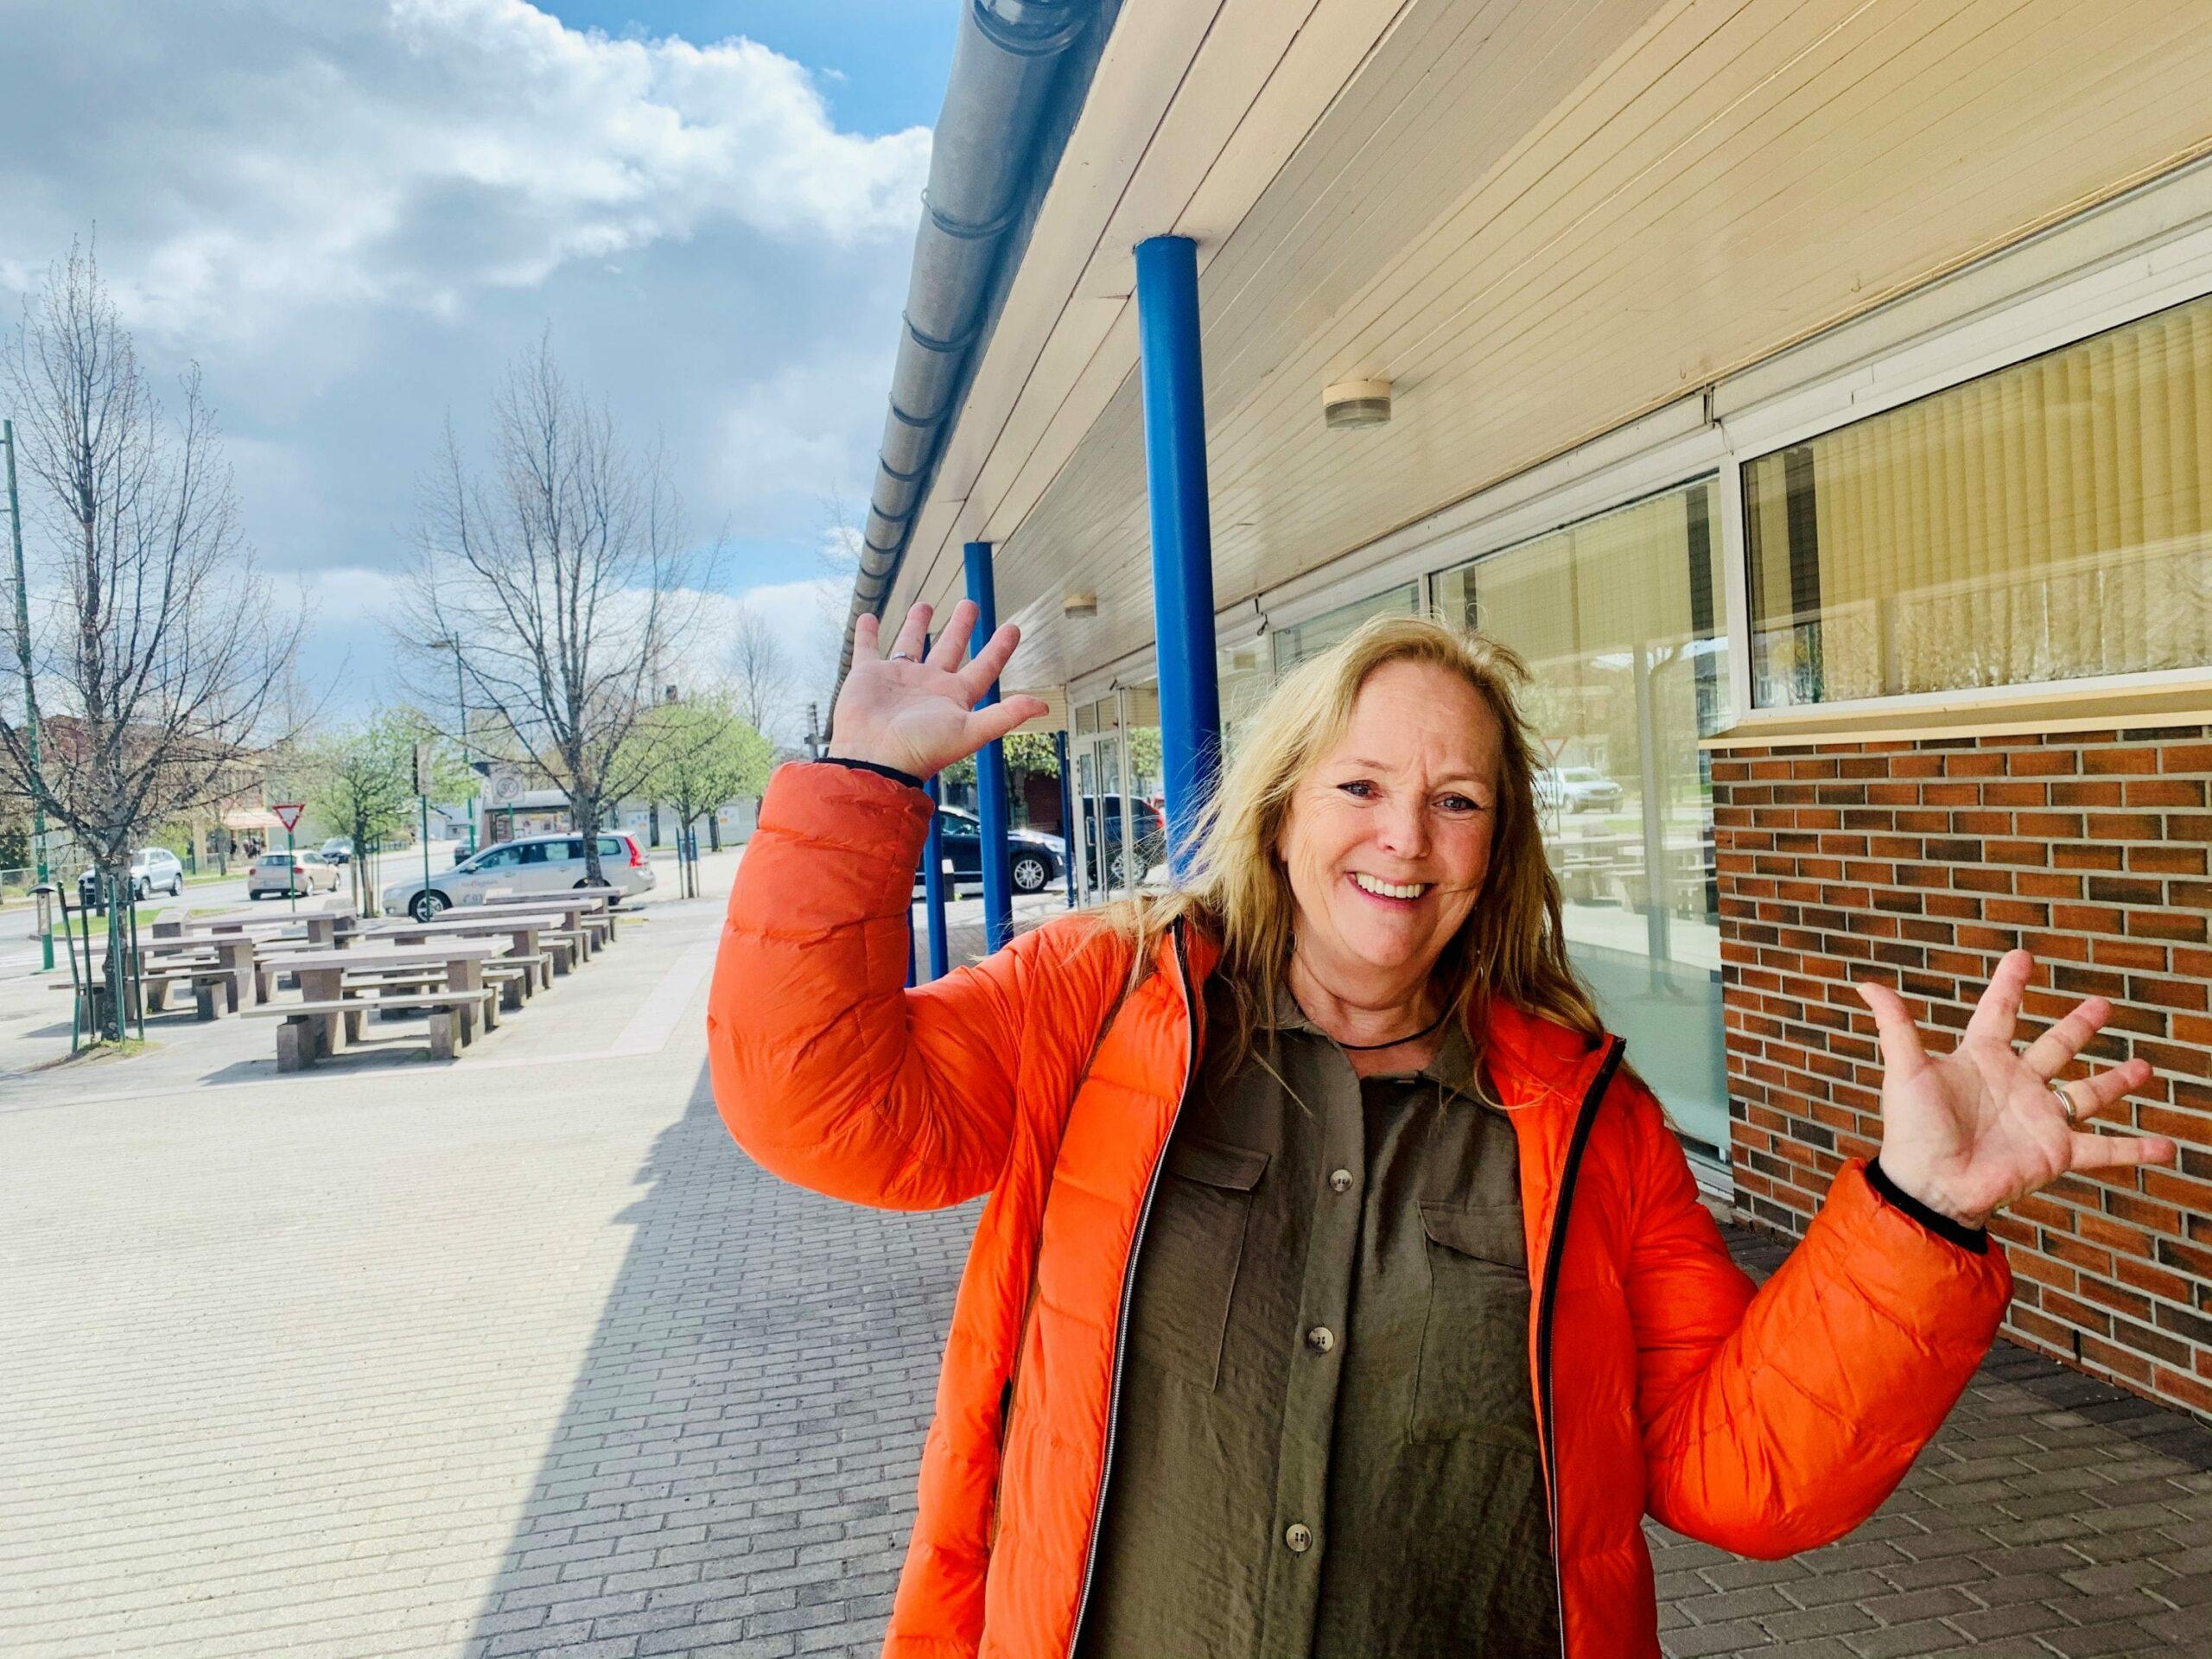 FORNØYD: Daglig leder ved Grue Frivilligsentral er meget fornøyd med at de er sikret statlig støtte i ett år til. Foto: Liv Rønnaug B. Lilleåsen